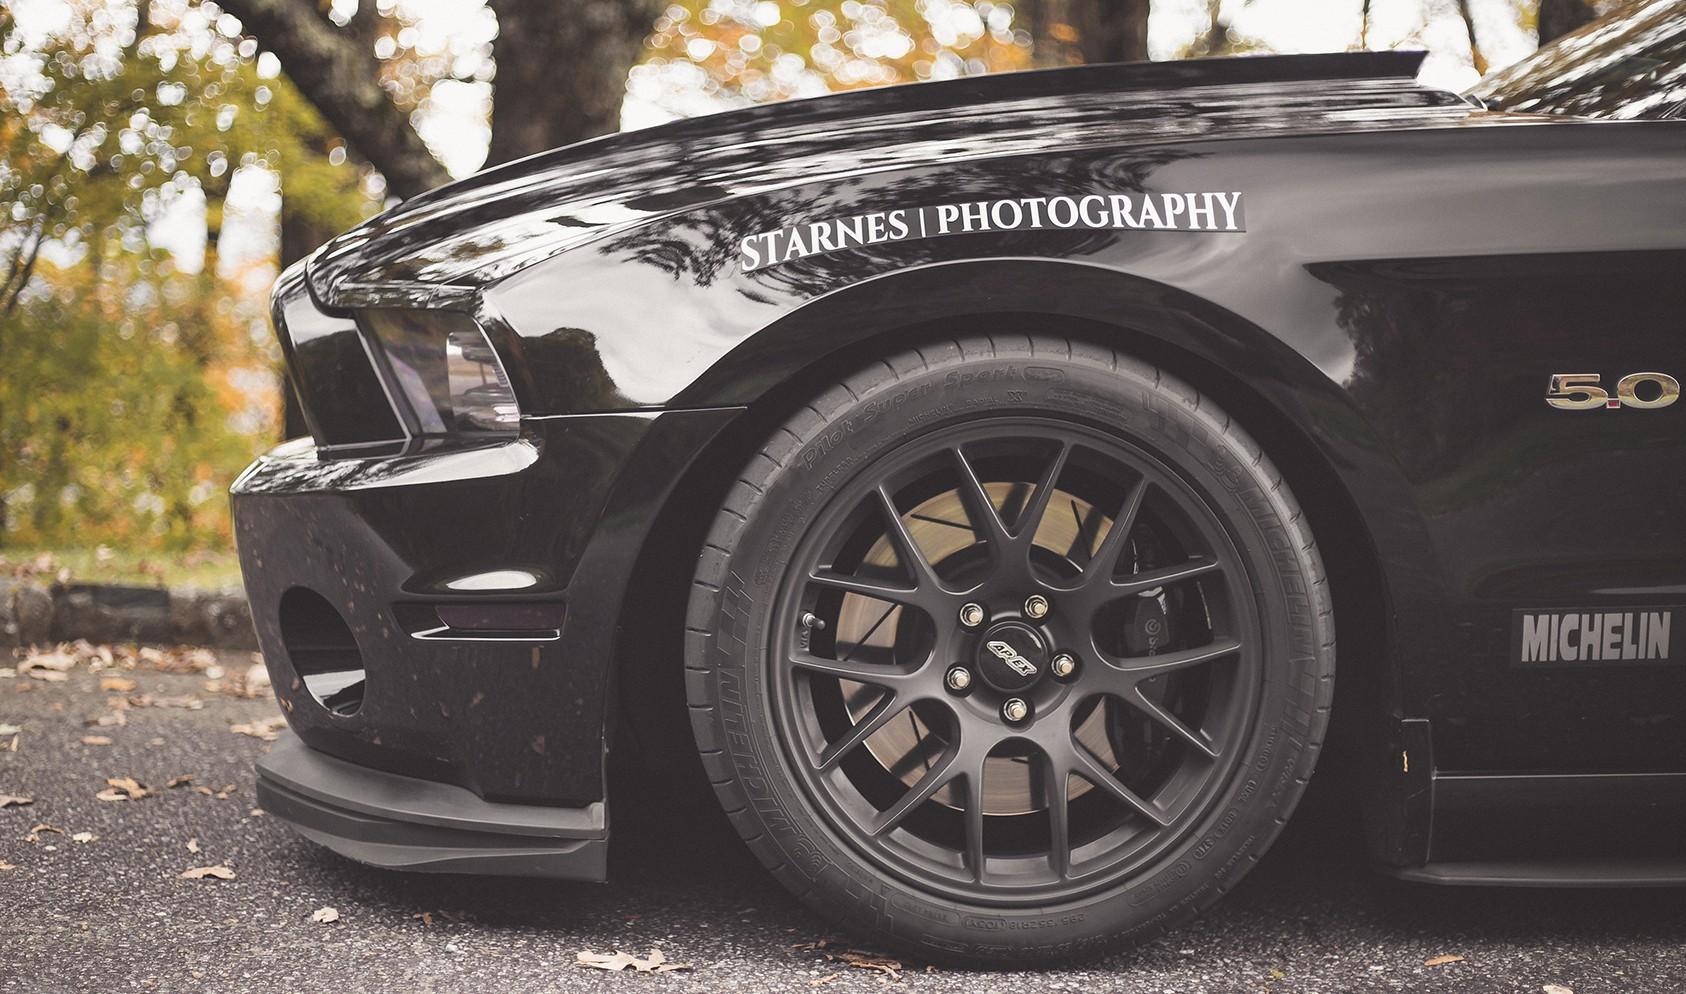 """S197 Square Fitment<br />Wheels: 18x10"""" ET43 Satin Black EC-7<br />Tires: 295/35-18 Michelin Pilot Super Sport<br />Mods: 15mm front spacers"""